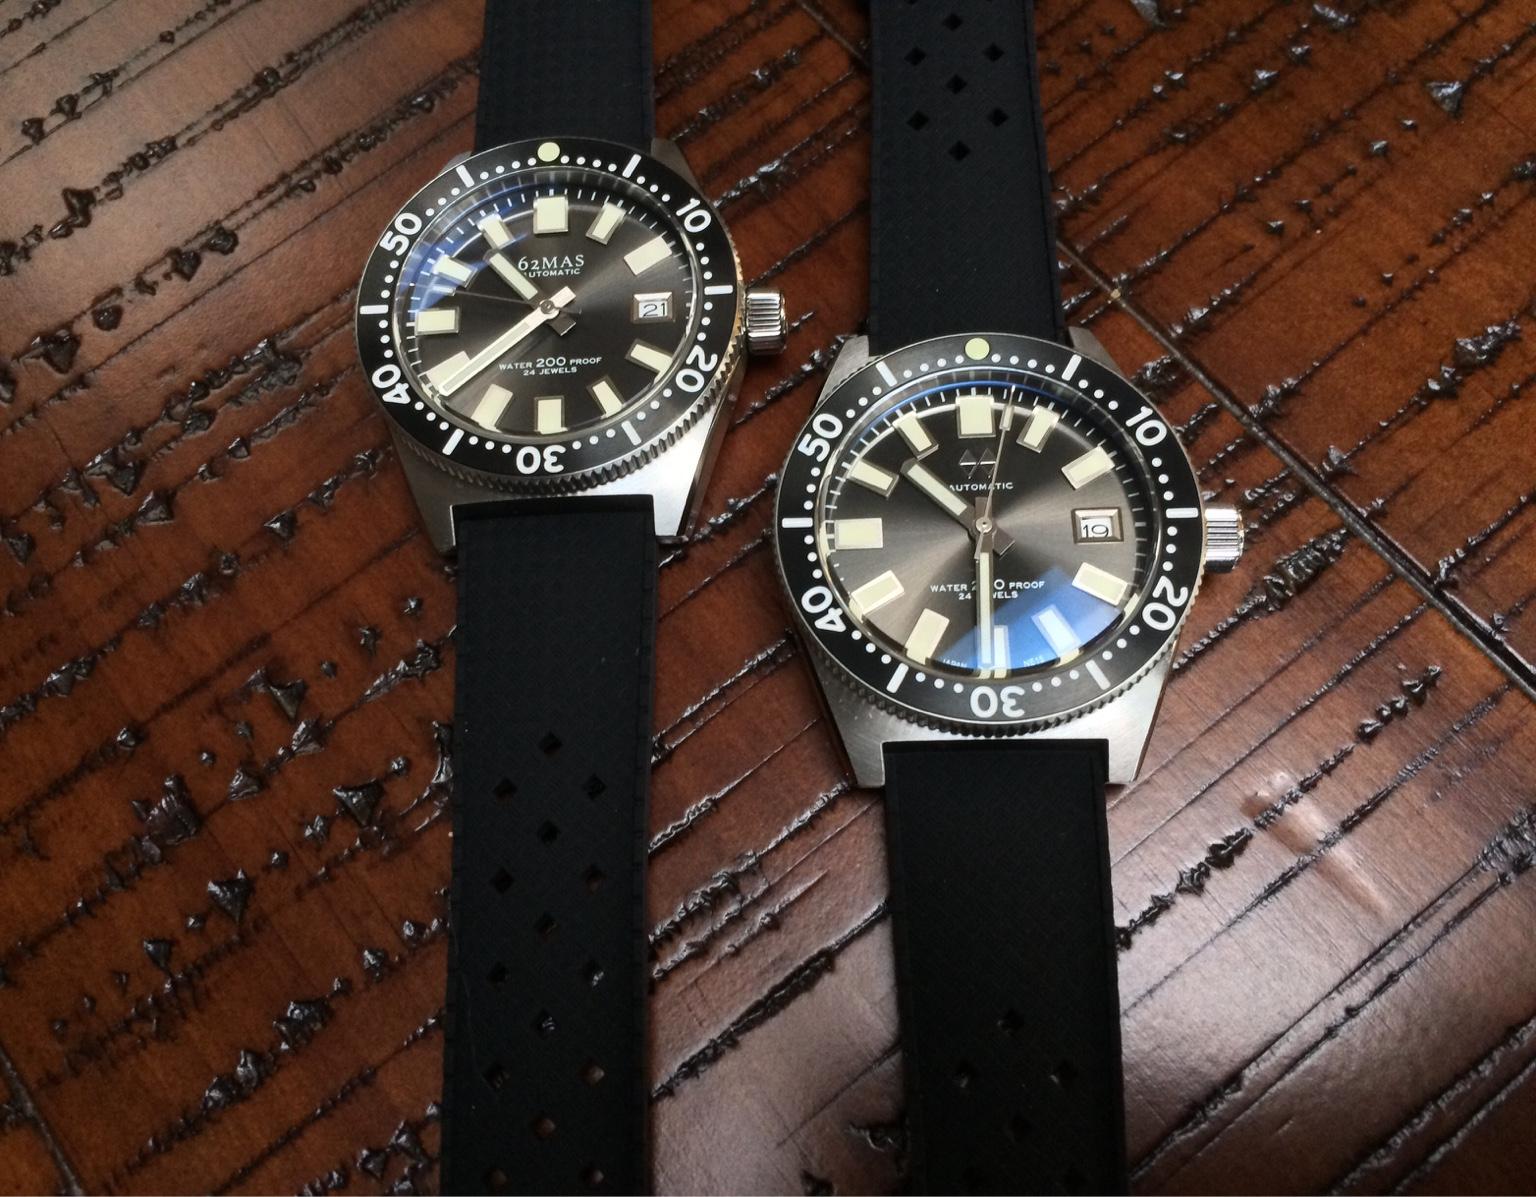 montres de + de 1000 euros - Page 43 922be550ecf0d10cf16e41eb22109397